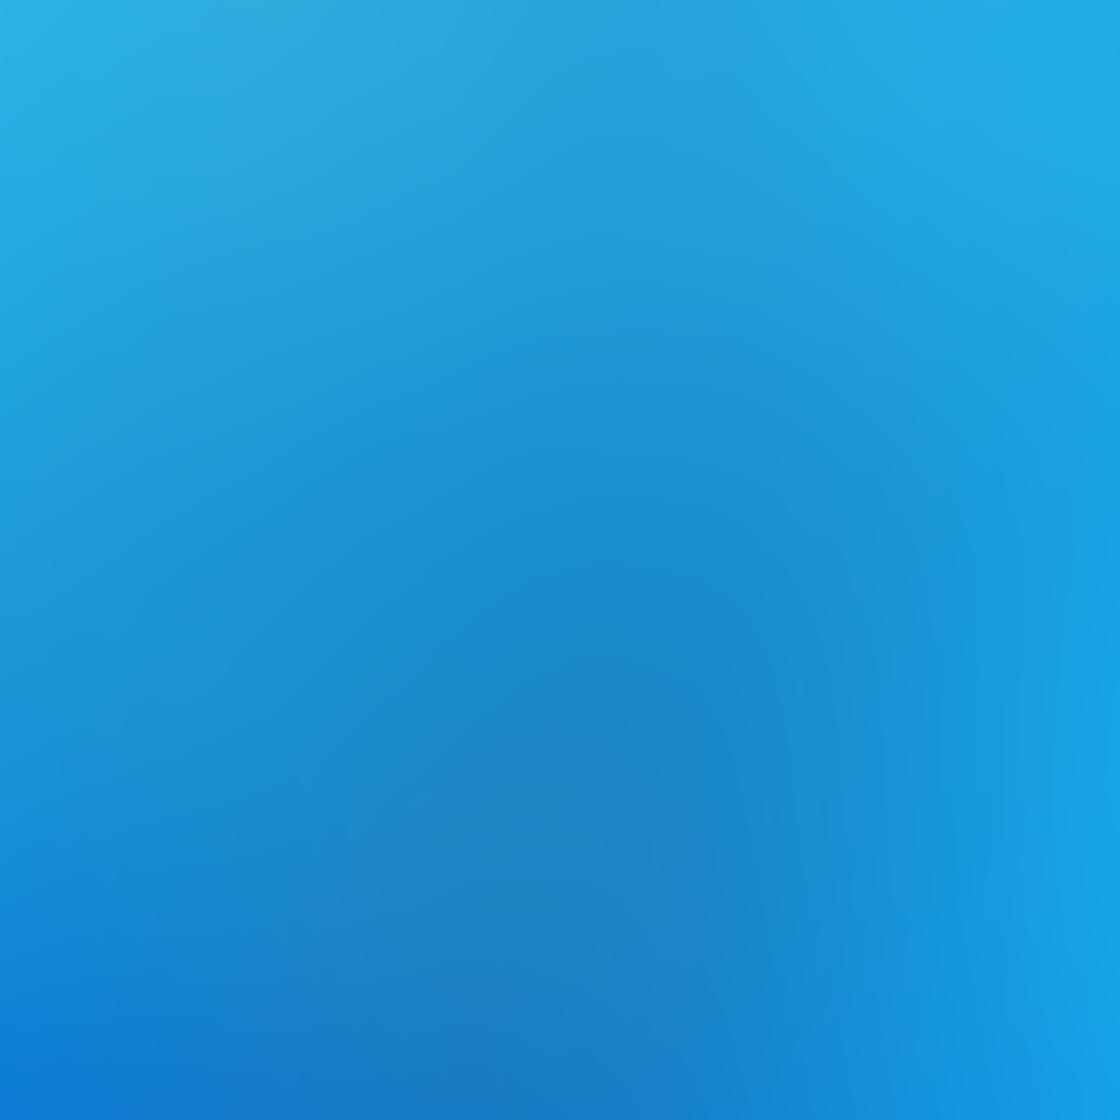 iPhone Photos Texture  60